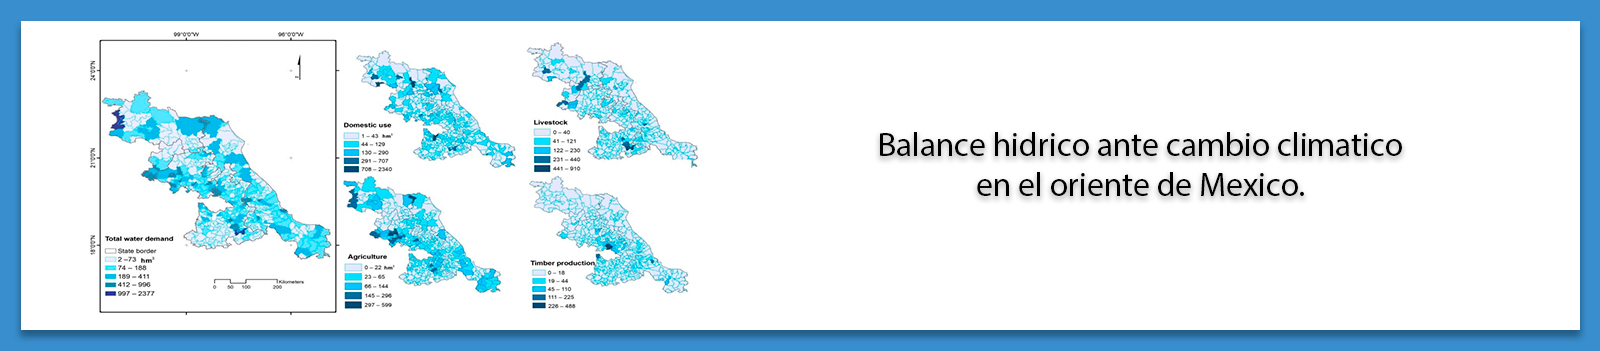 Balance hidrico ante cambio climatico en el oriente de Mexico.